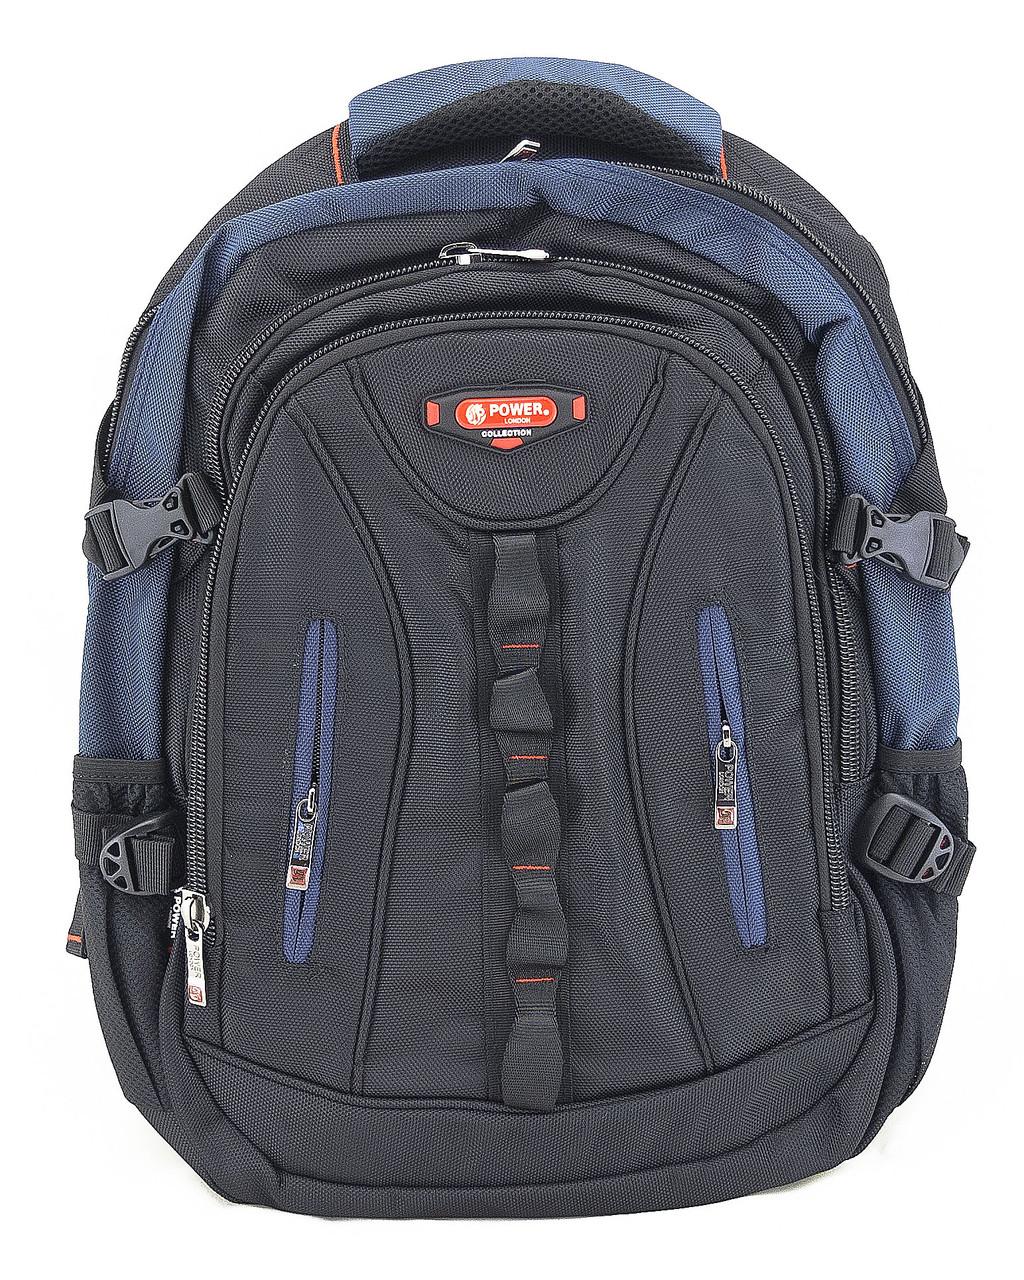 Рюкзак 4313 Power London чорний з синім